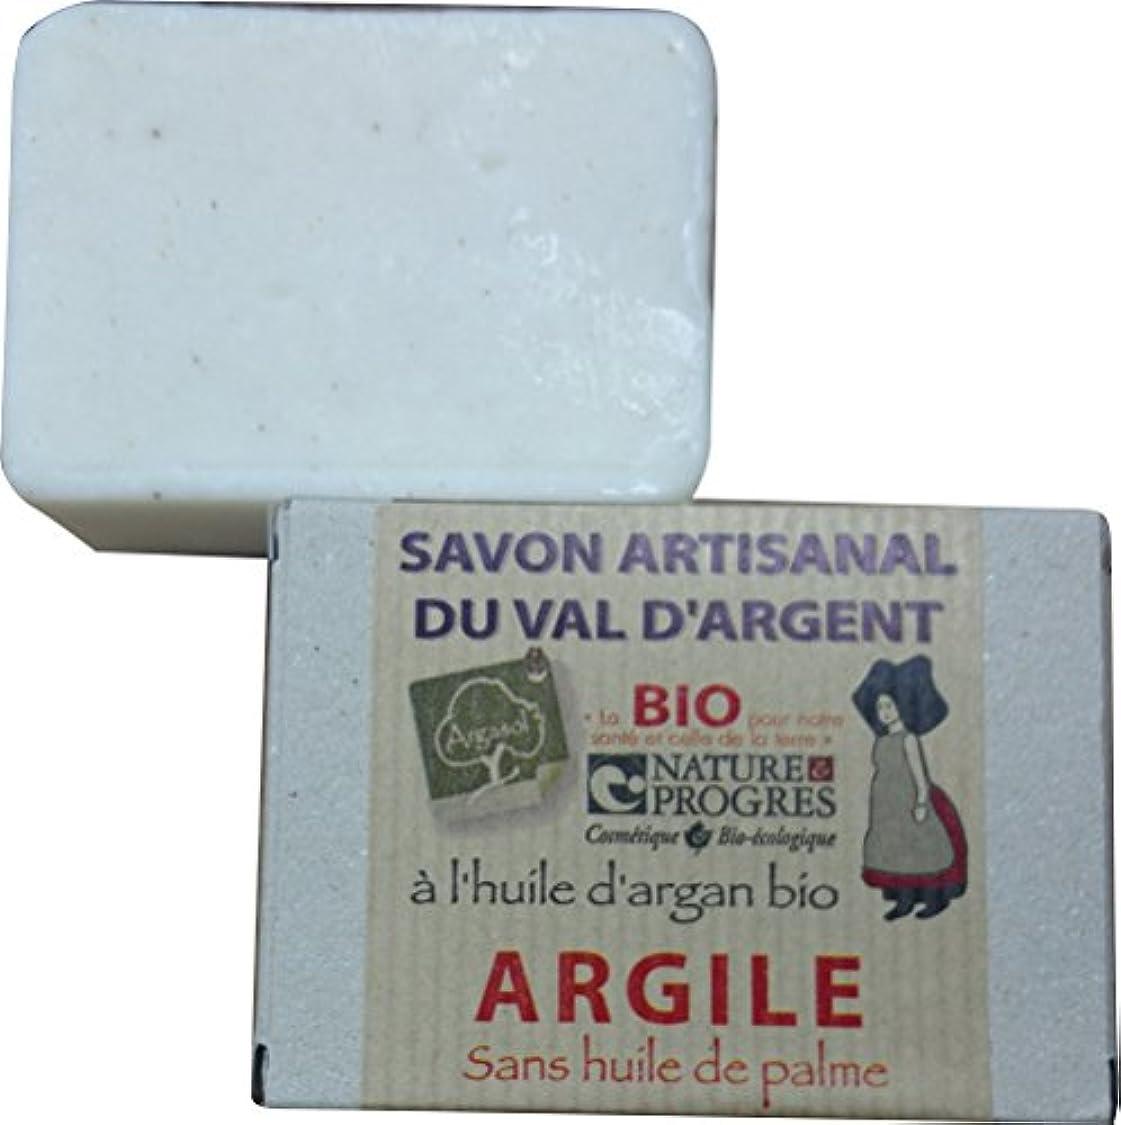 未来コーラス毒液サボン アルガソル(SAVON ARGASOL) クレイ